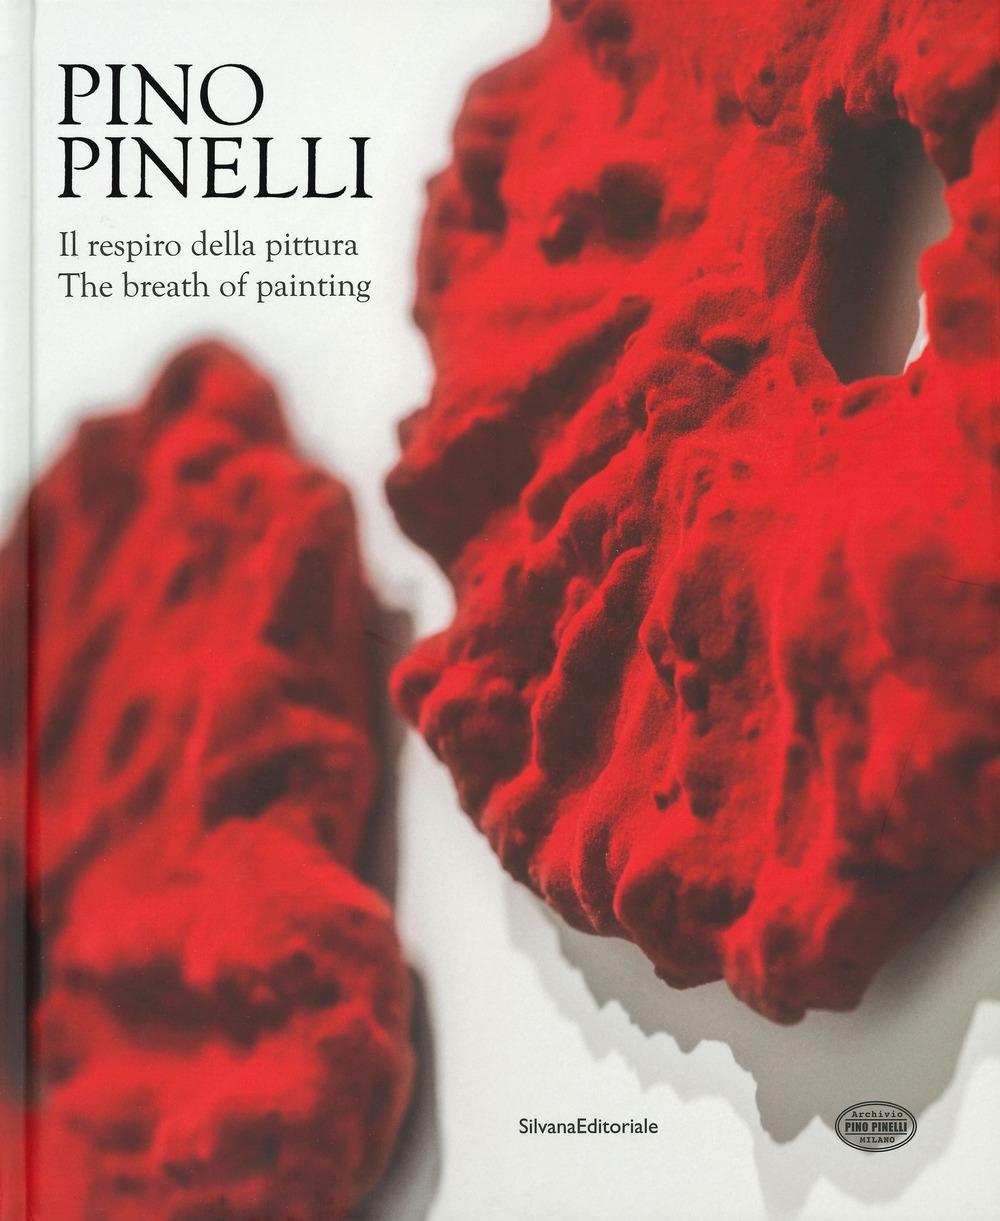 Pino Pinelli. Il respiro della pittura. The breath of painting